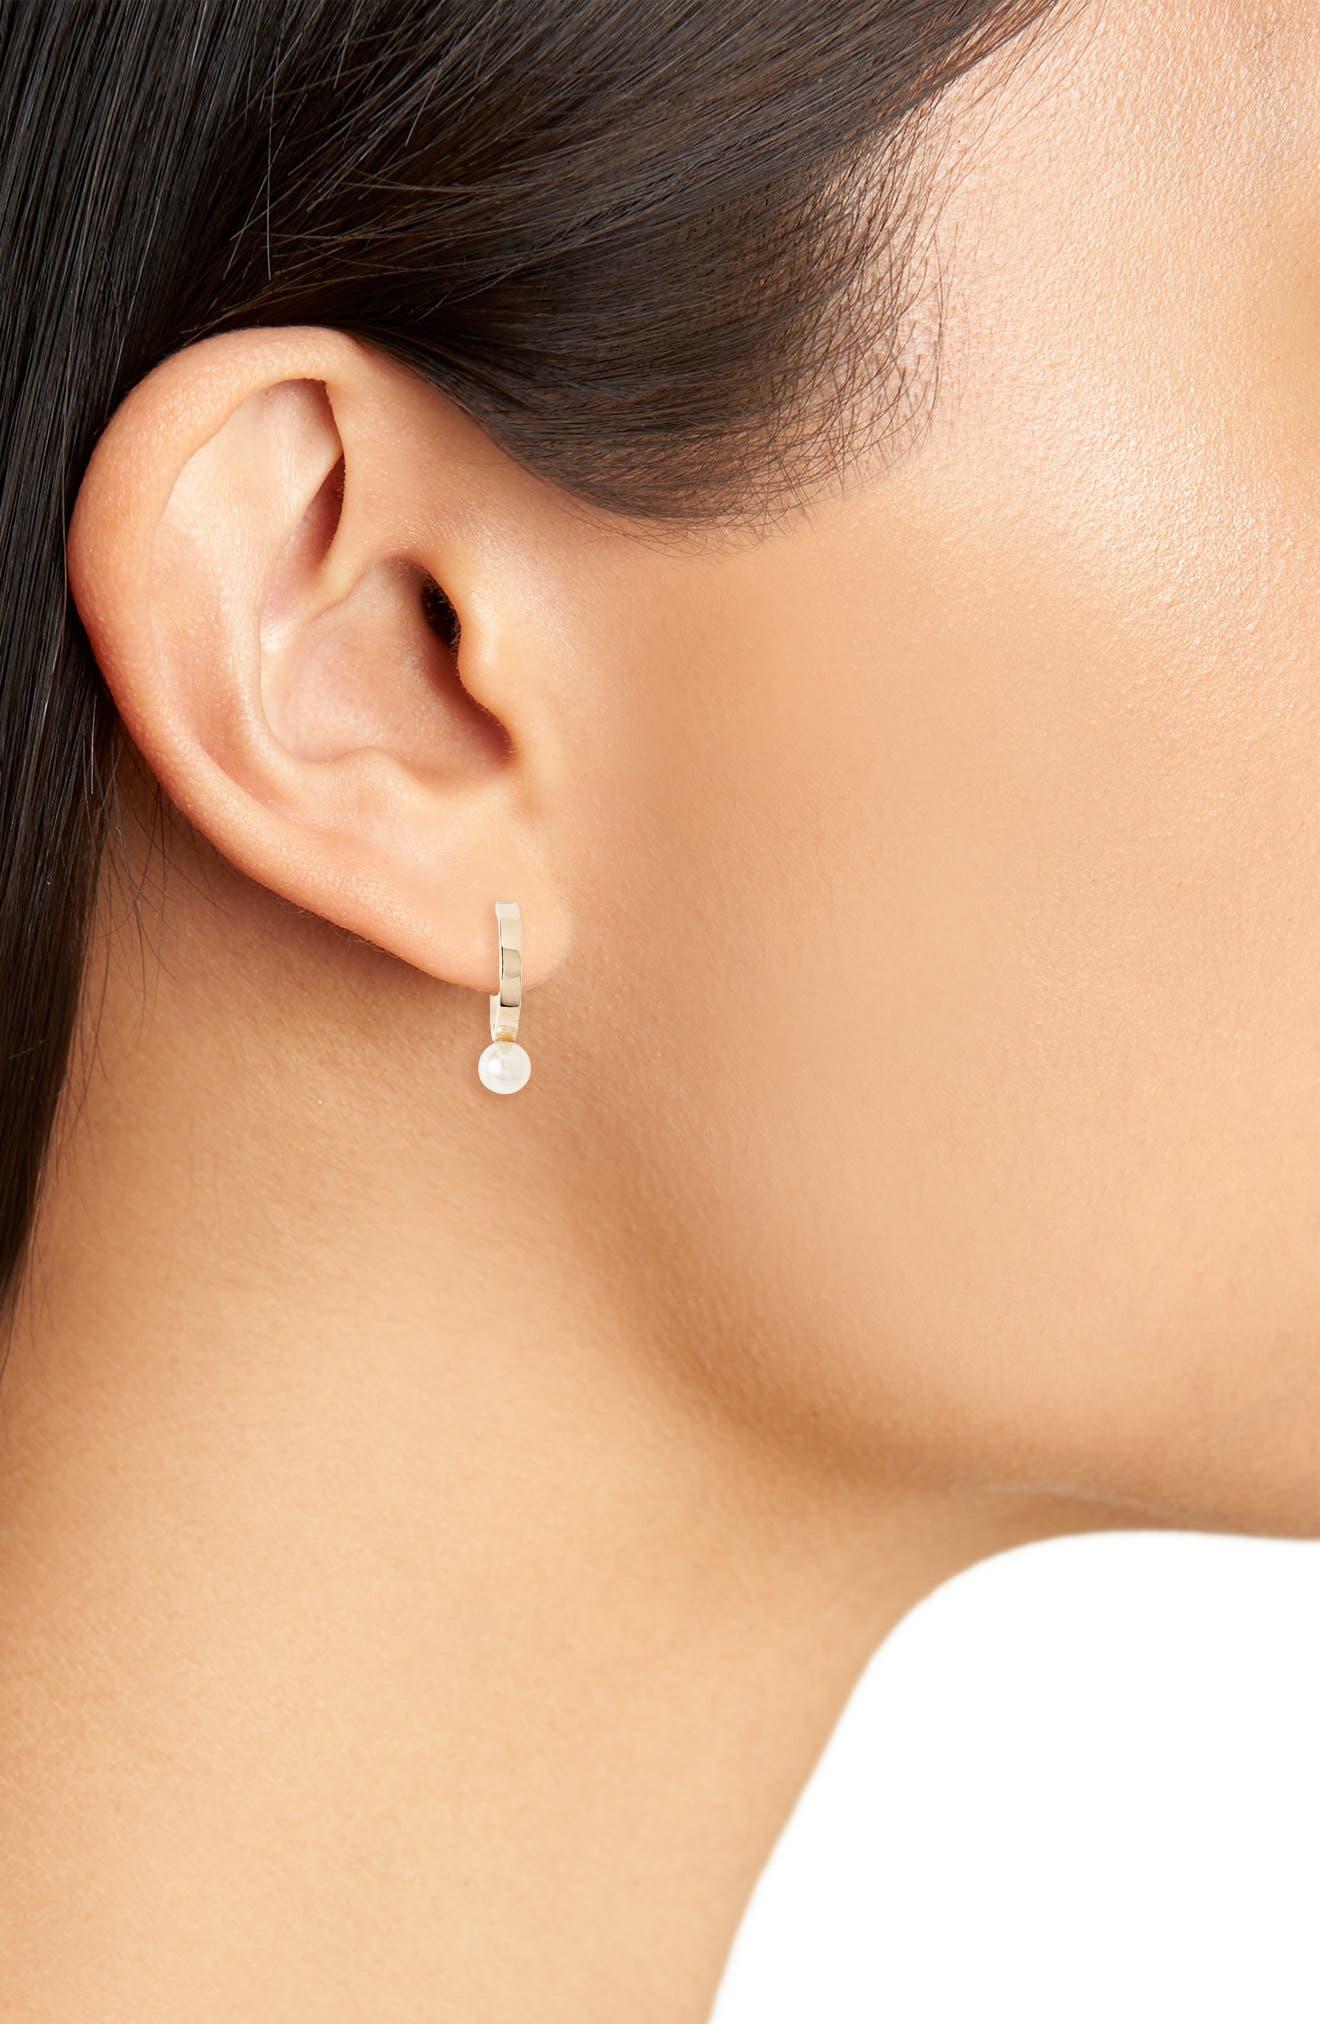 Pearl Station Hoop Earrings,                             Alternate thumbnail 2, color,                             710